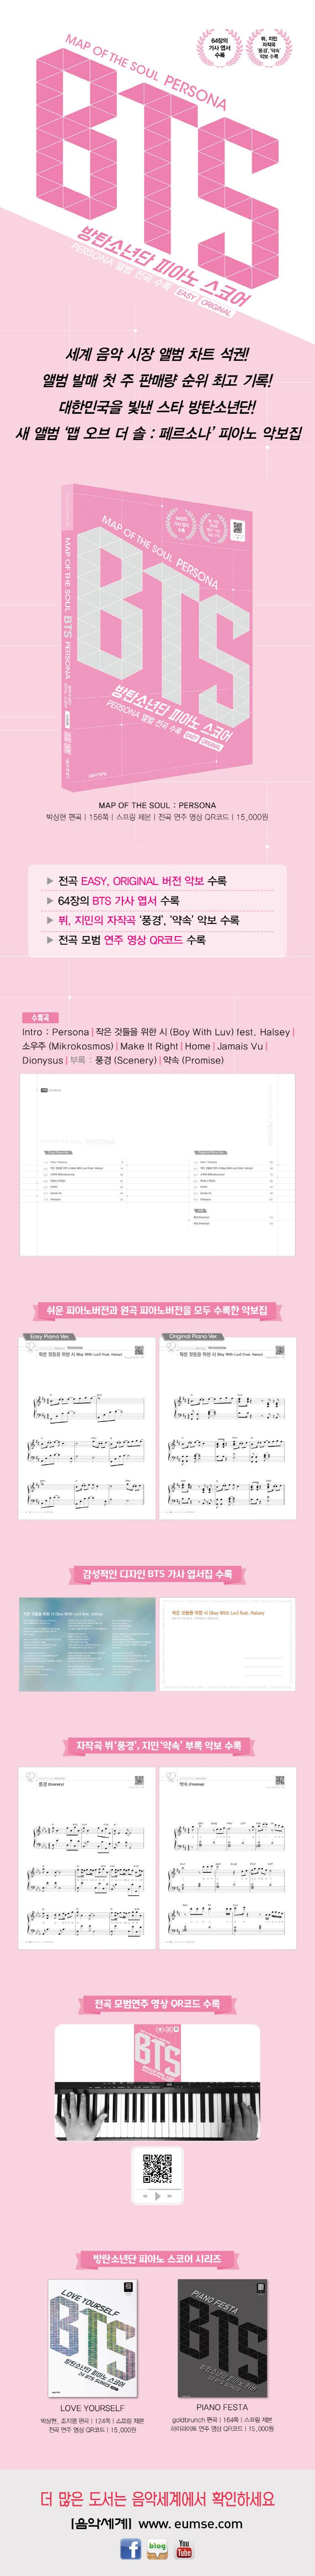 방탄소년단 피아노 스코어 Persona 앨범 전곡수록 도서 상세이미지